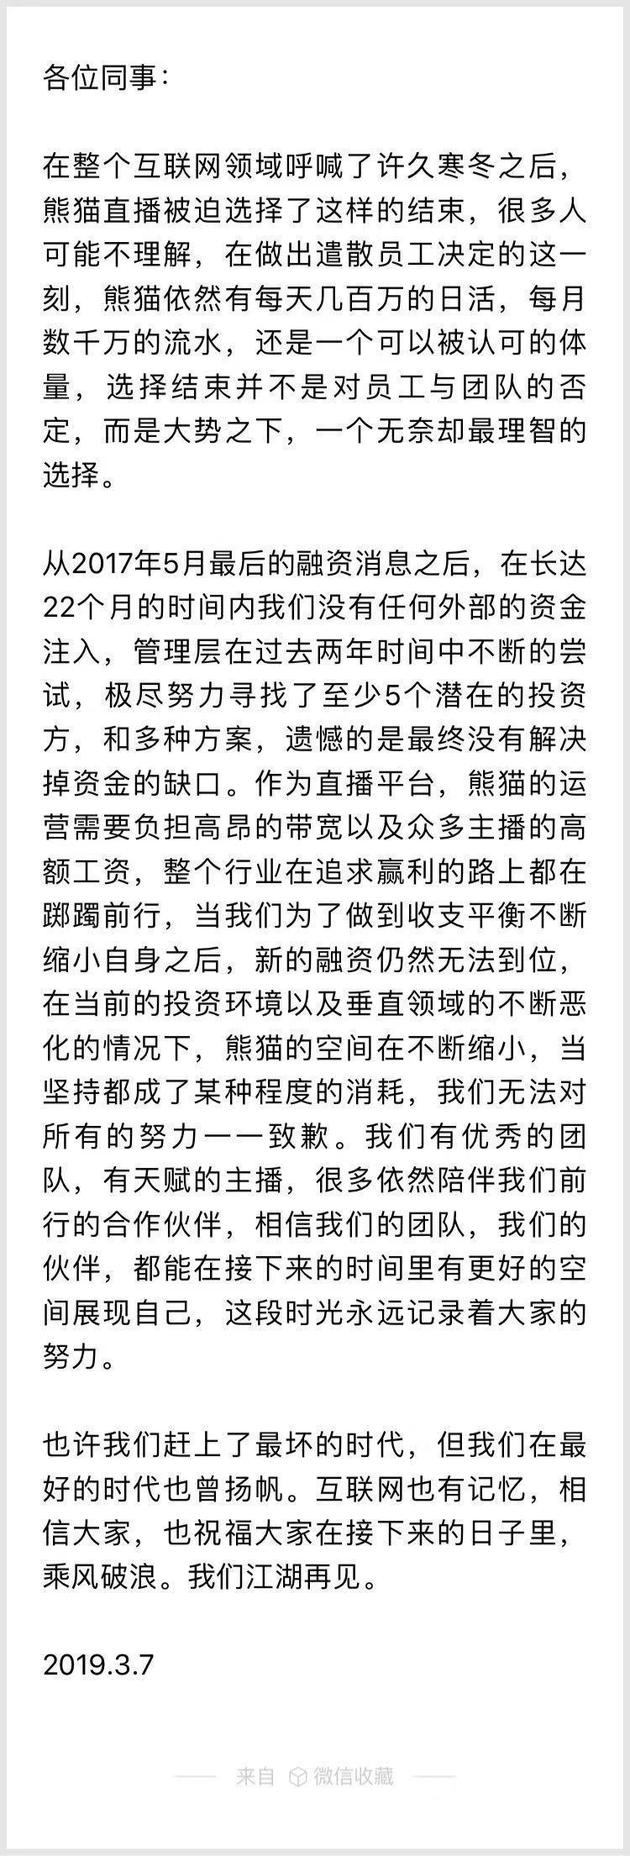 """熊猫直播宣布""""被迫选择结束""""  22个月没有任何外部资金注入"""